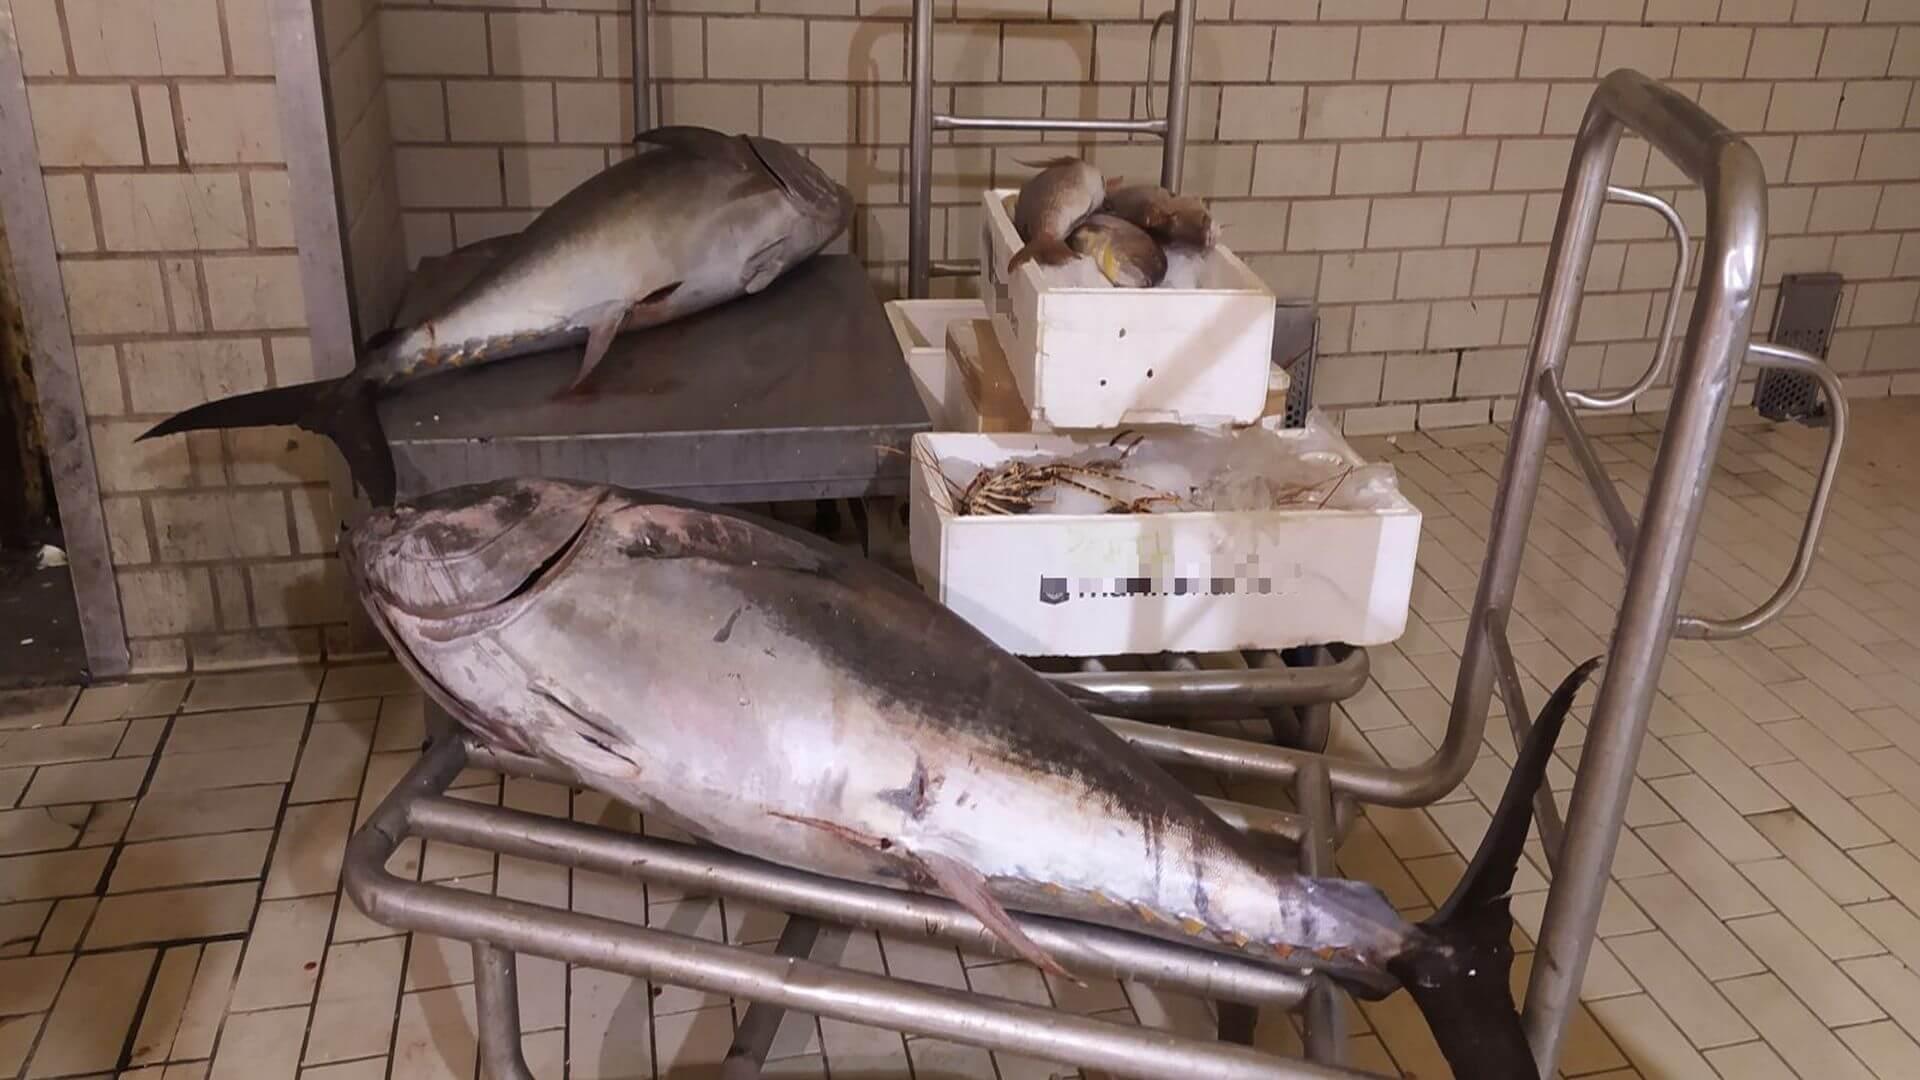 Έλεγχος στην Ιχθυόσκαλα της Χαλκίδας - Εντοπίστηκαν ακατάλληλα αλιεύματα